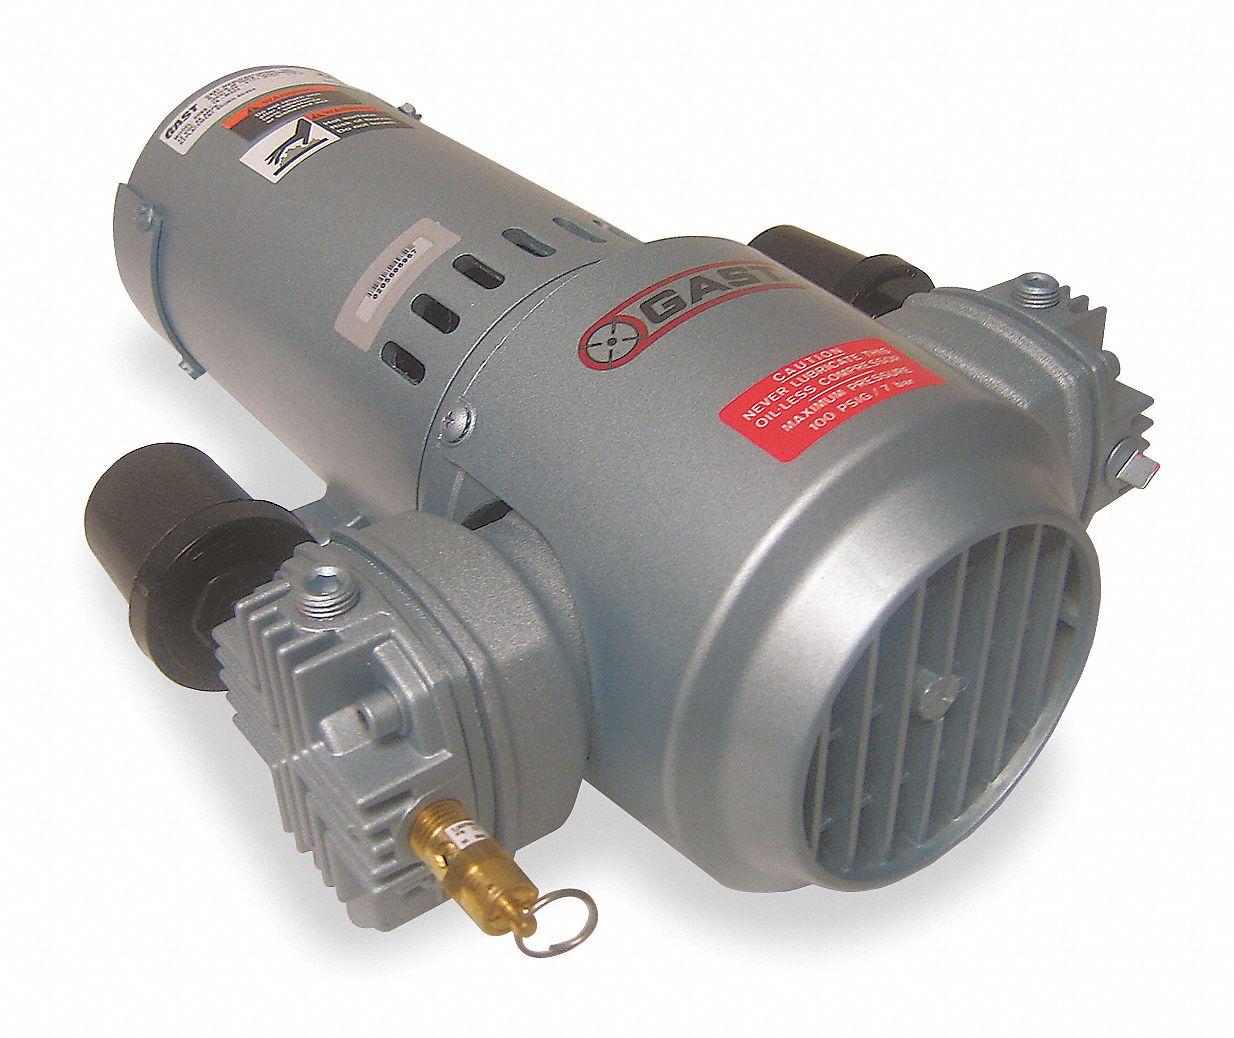 Gast 1 3 Hp Piston Air Compressor 12vdc 100 100 Max Psi Cont Int 5ka89 3hbb 251 M322 Grainger